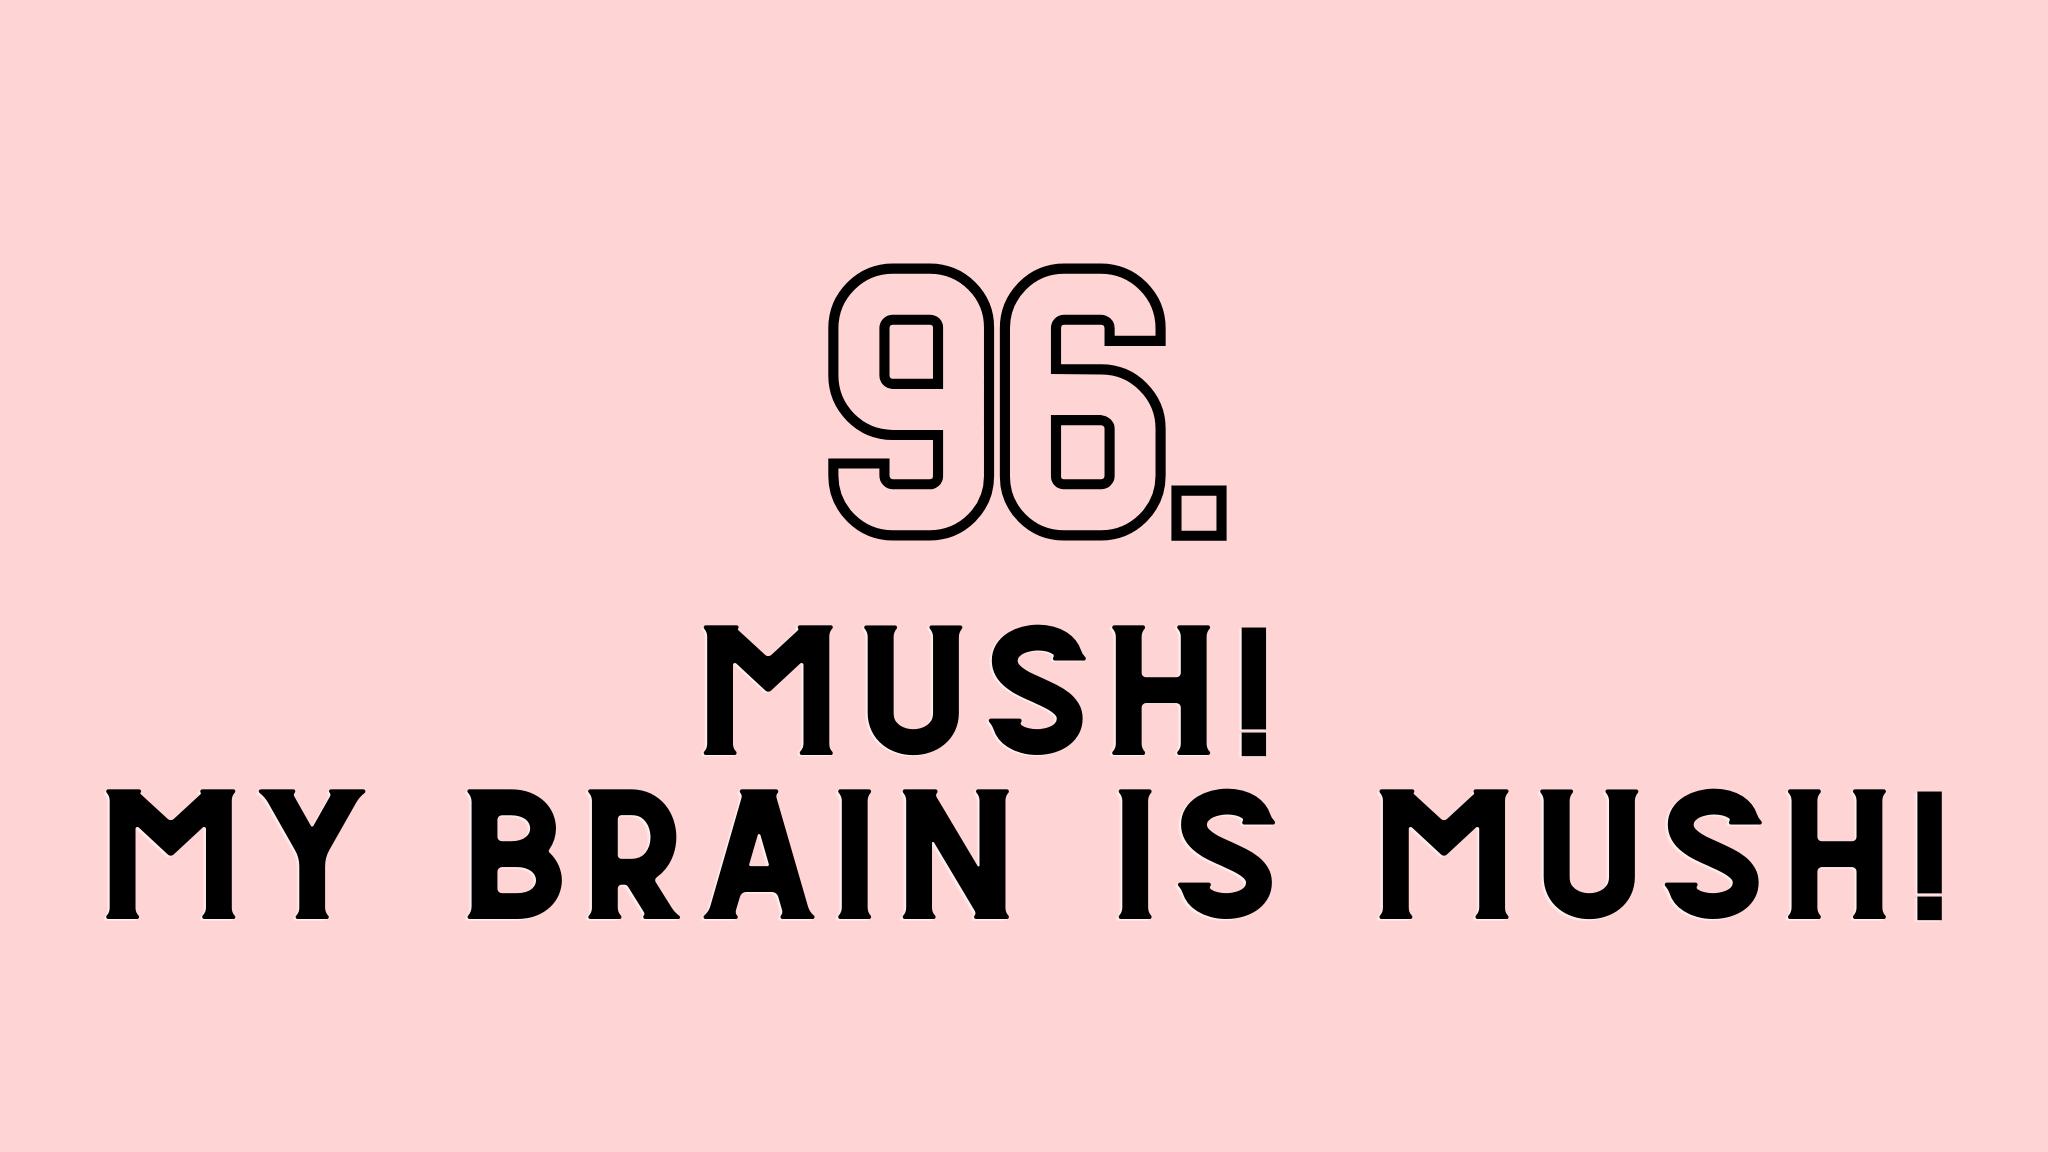 my brain is mush